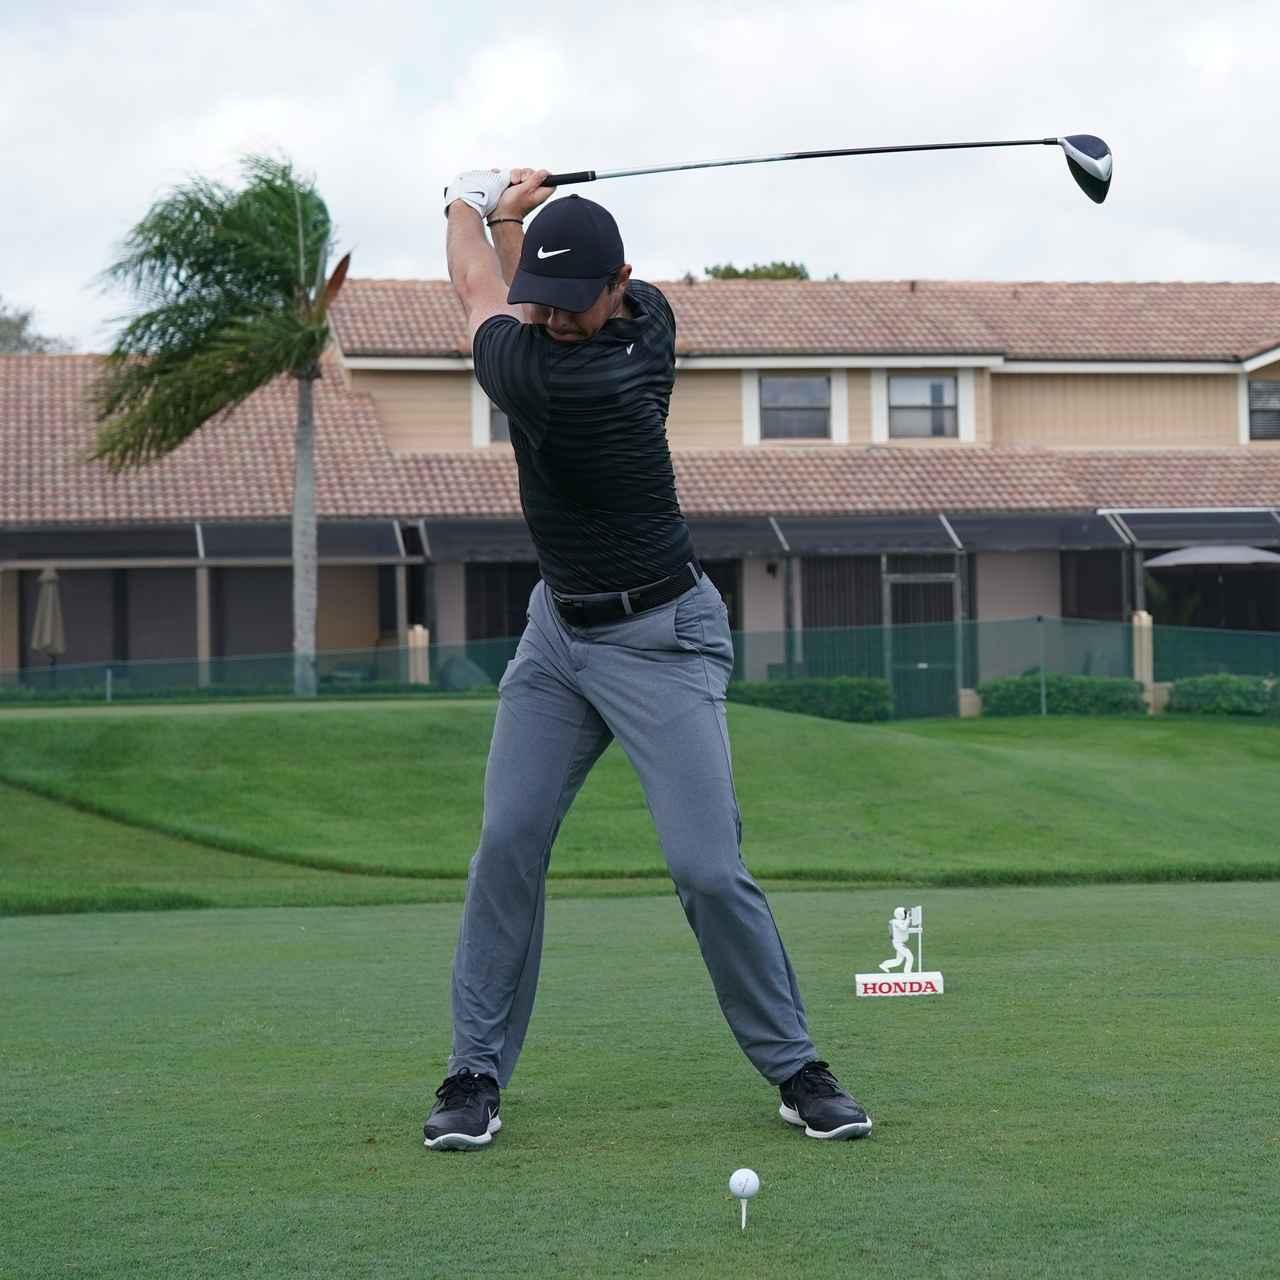 画像3: 【ローリー・マキロイ】現代版ドローヒッターの基準! 右足に体重を残し、右足の上で体を回して球をとらえる!